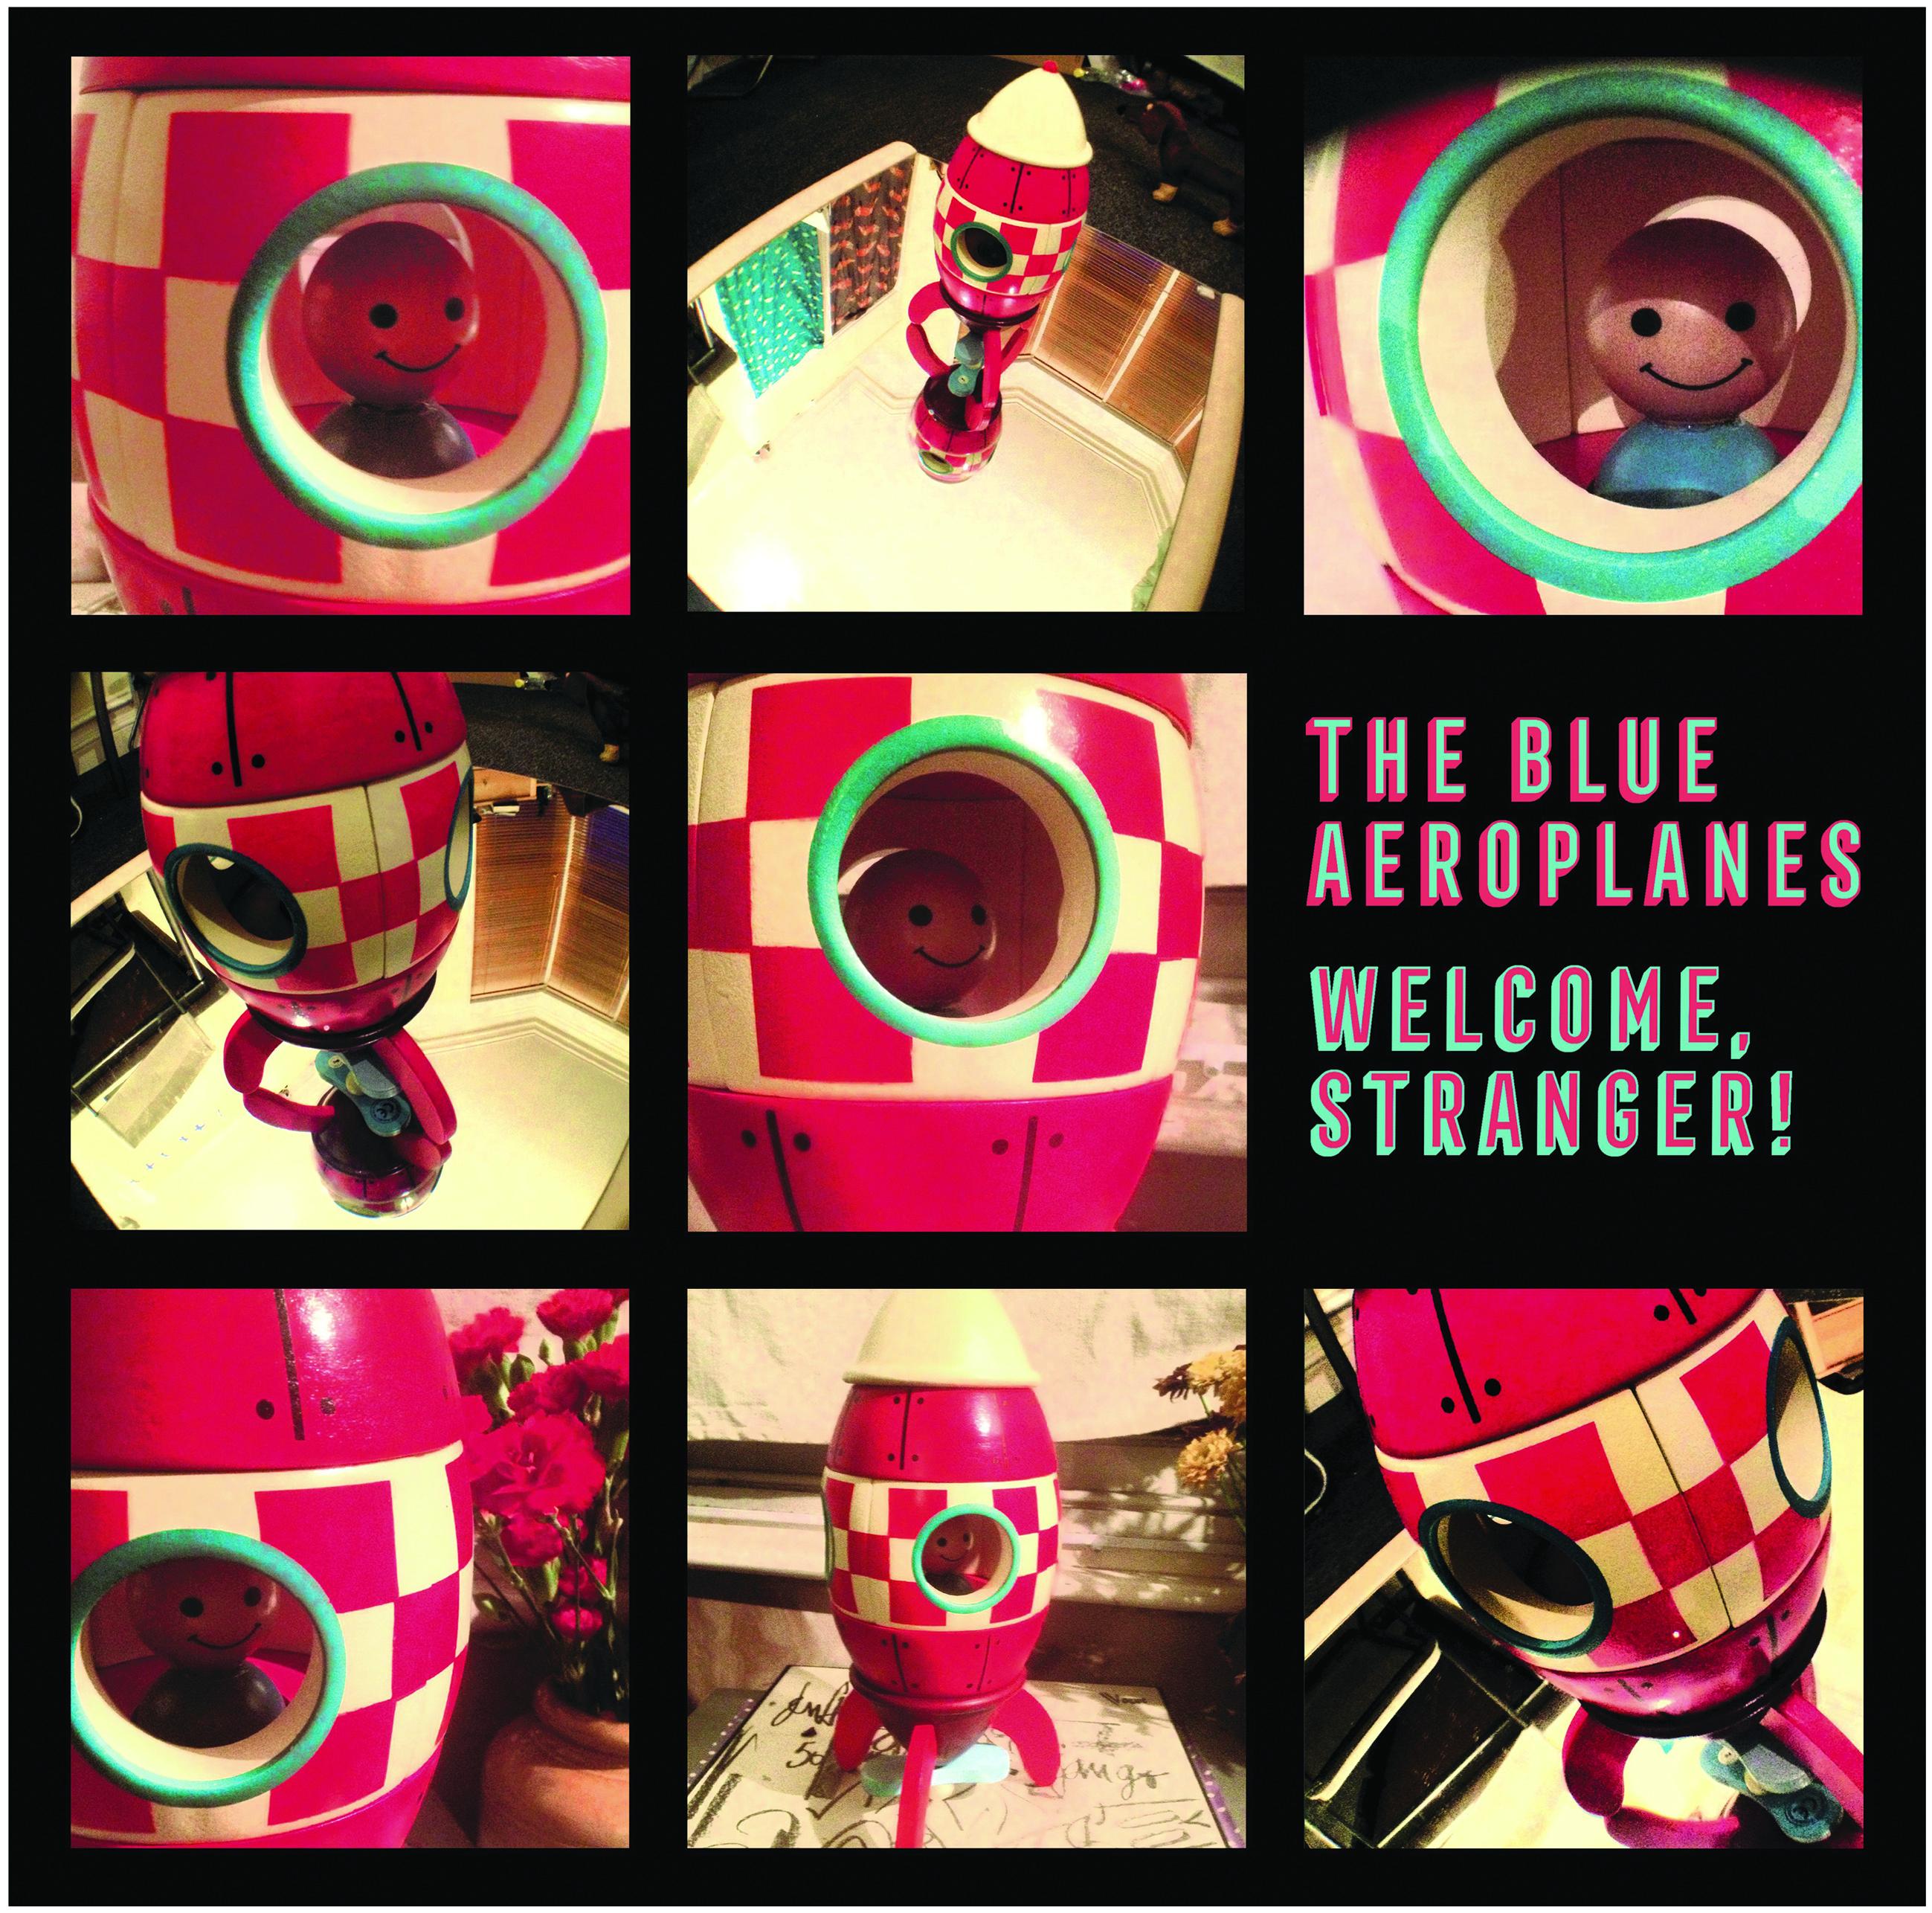 Welcome, Stranger!